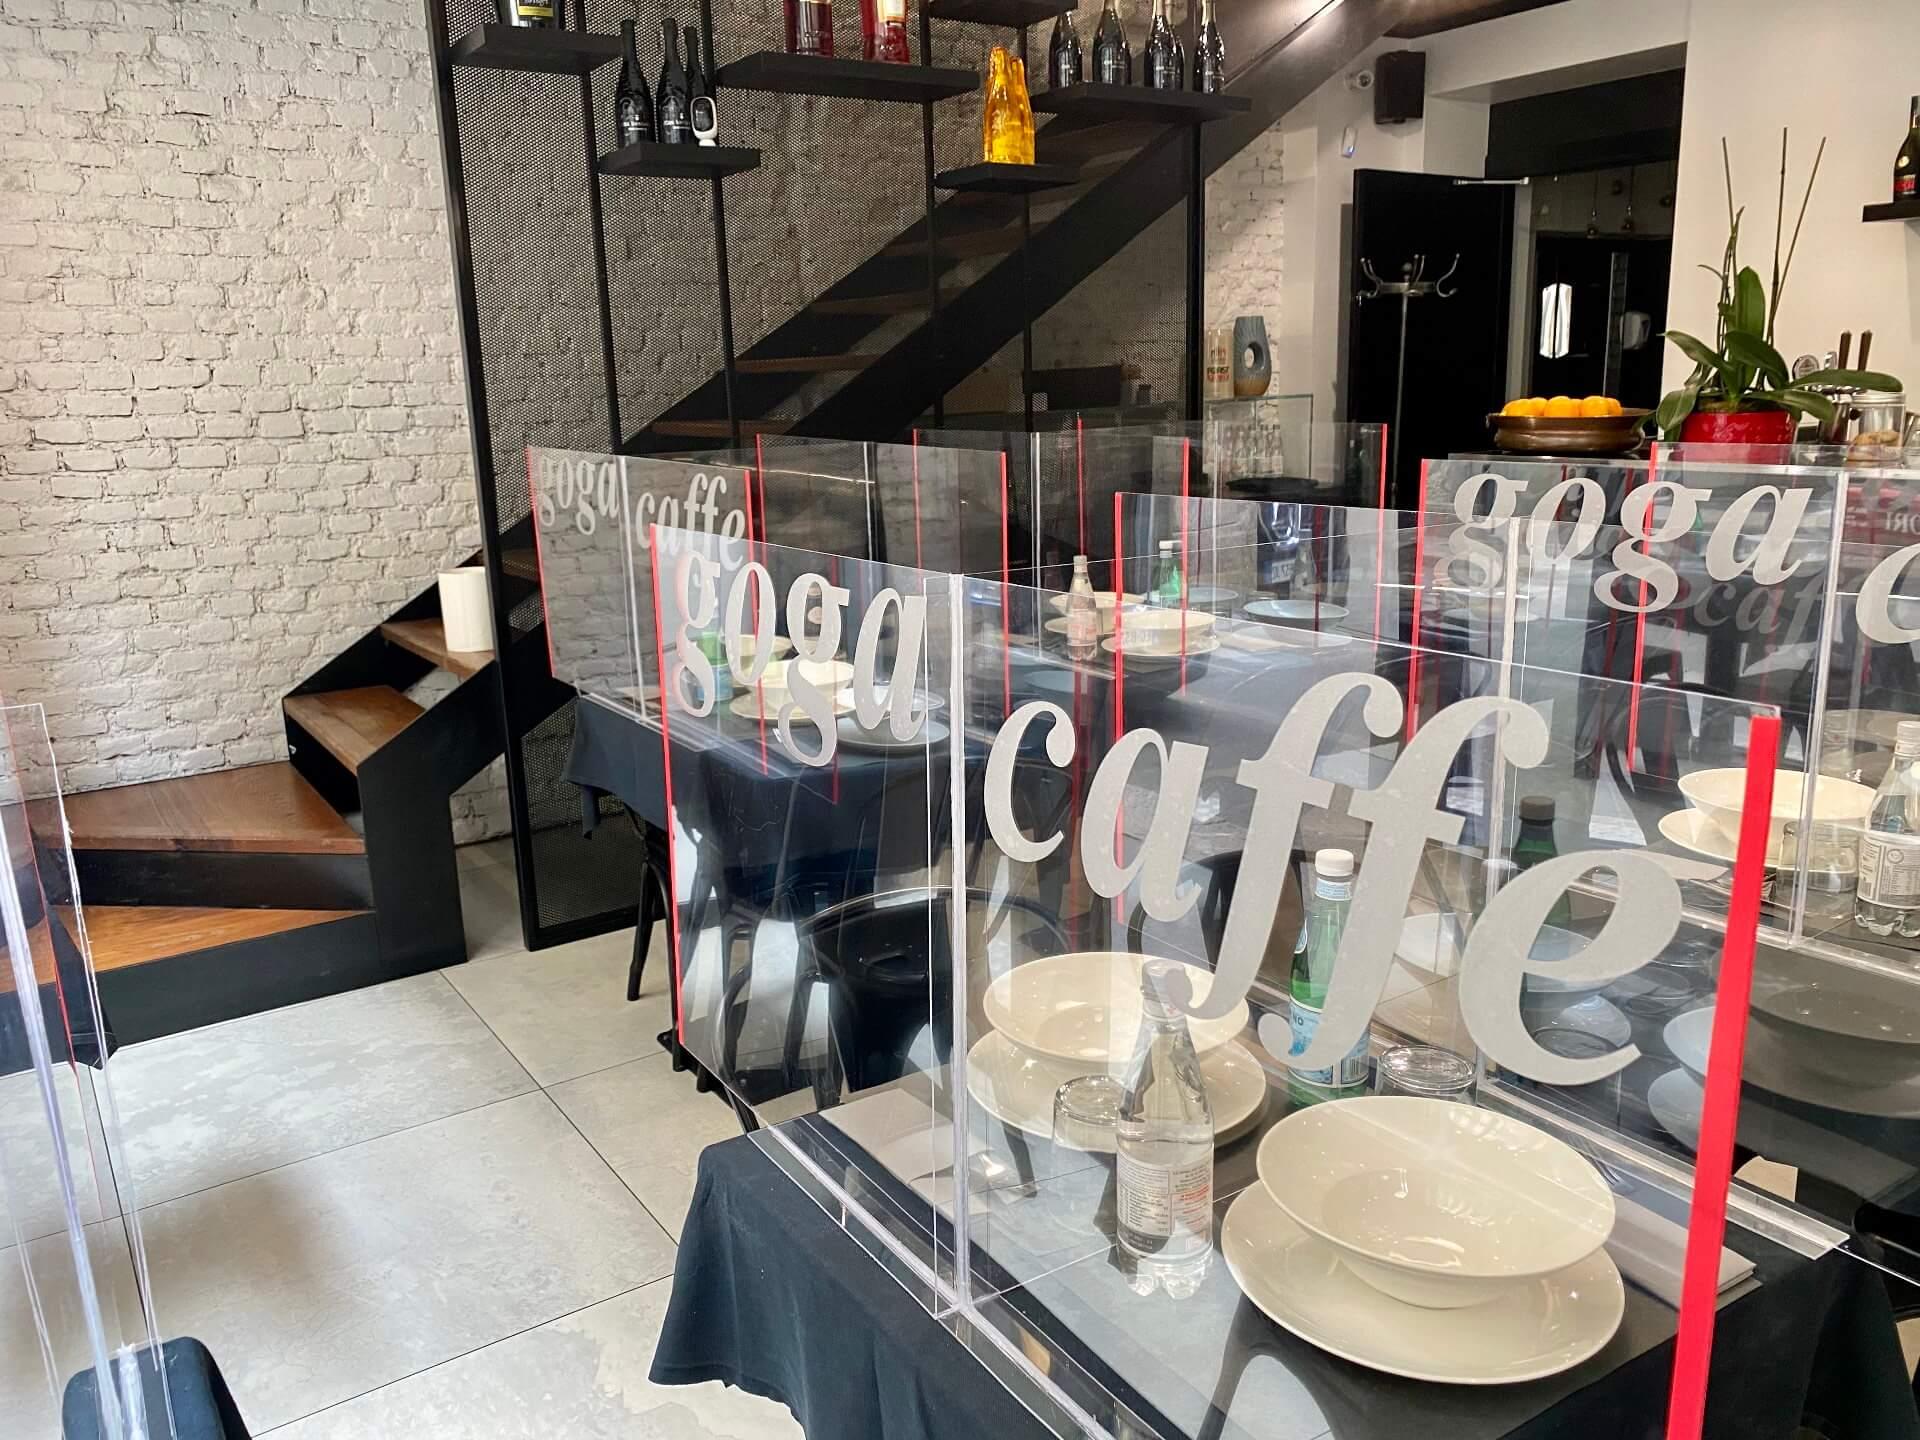 Pandemie der Ideen für Restaurant, Corona Krise